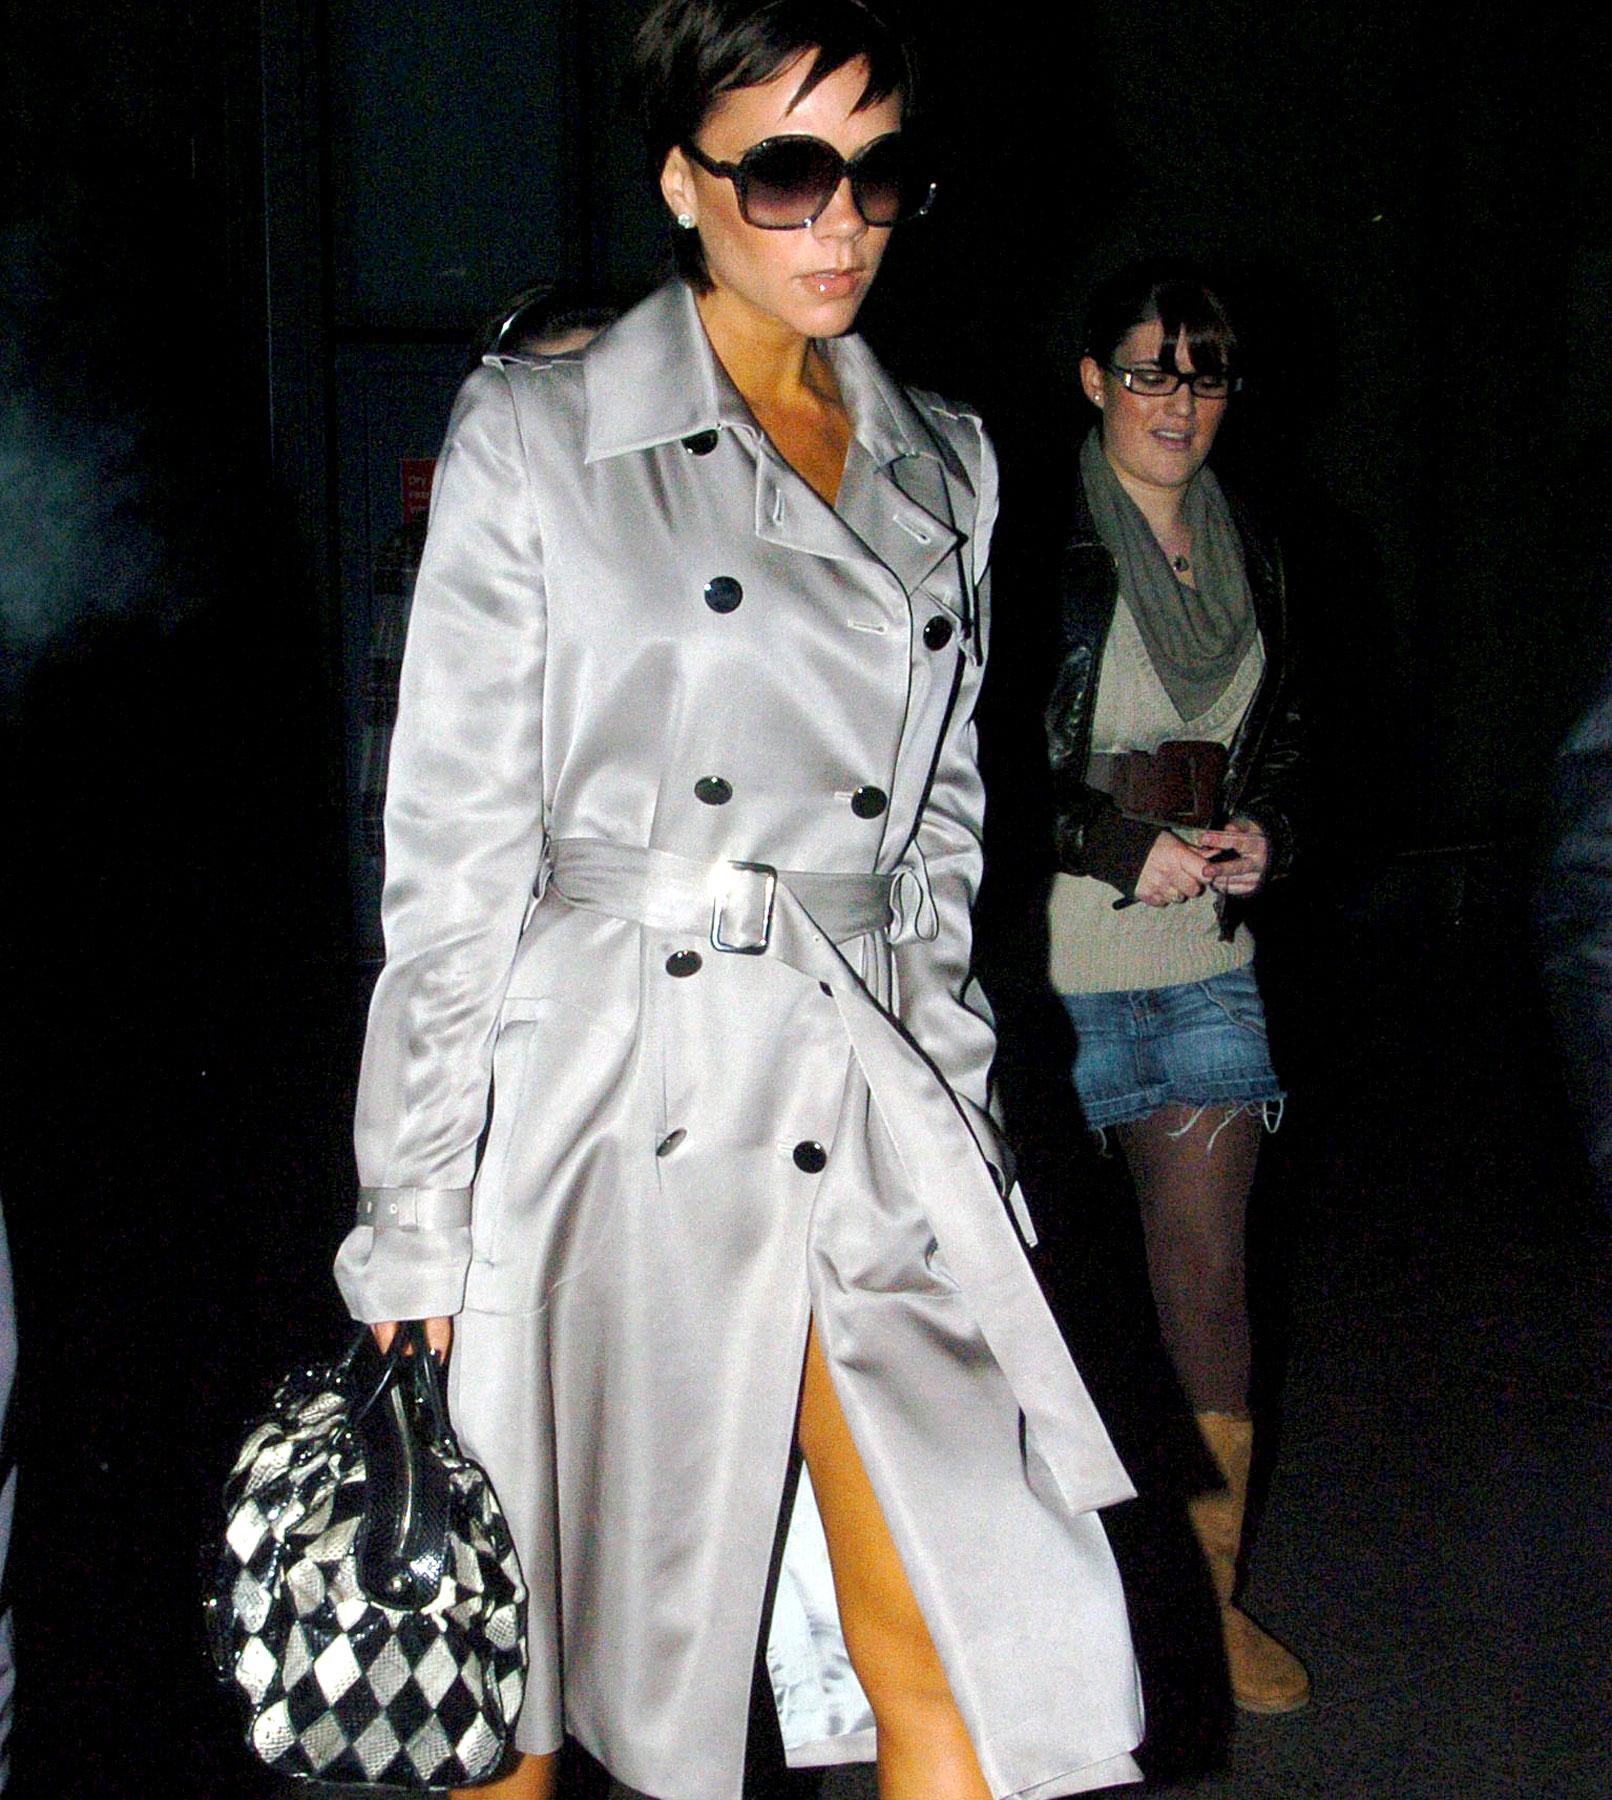 Victoria Beckham: Flasher?